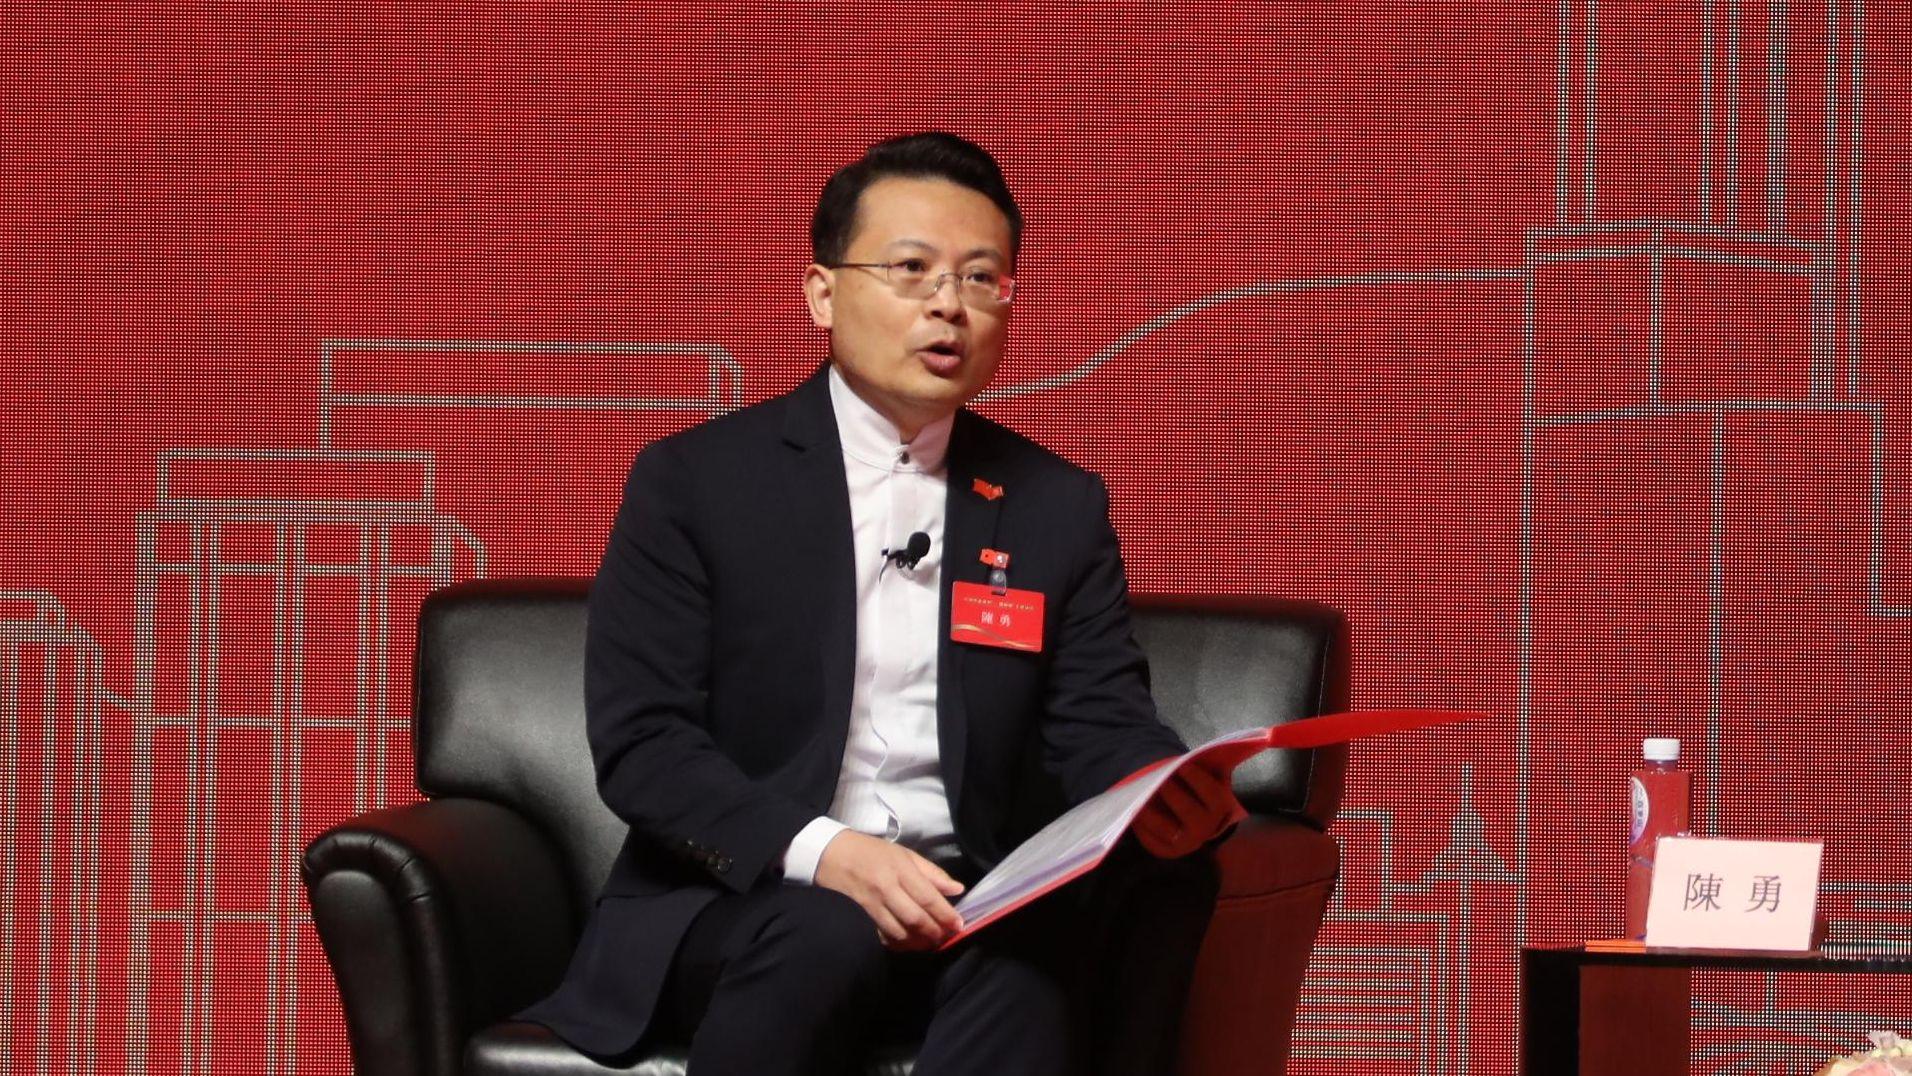 陳勇:中國共產黨訂立「一國兩制」 令香港回歸後保持繁榮穩定